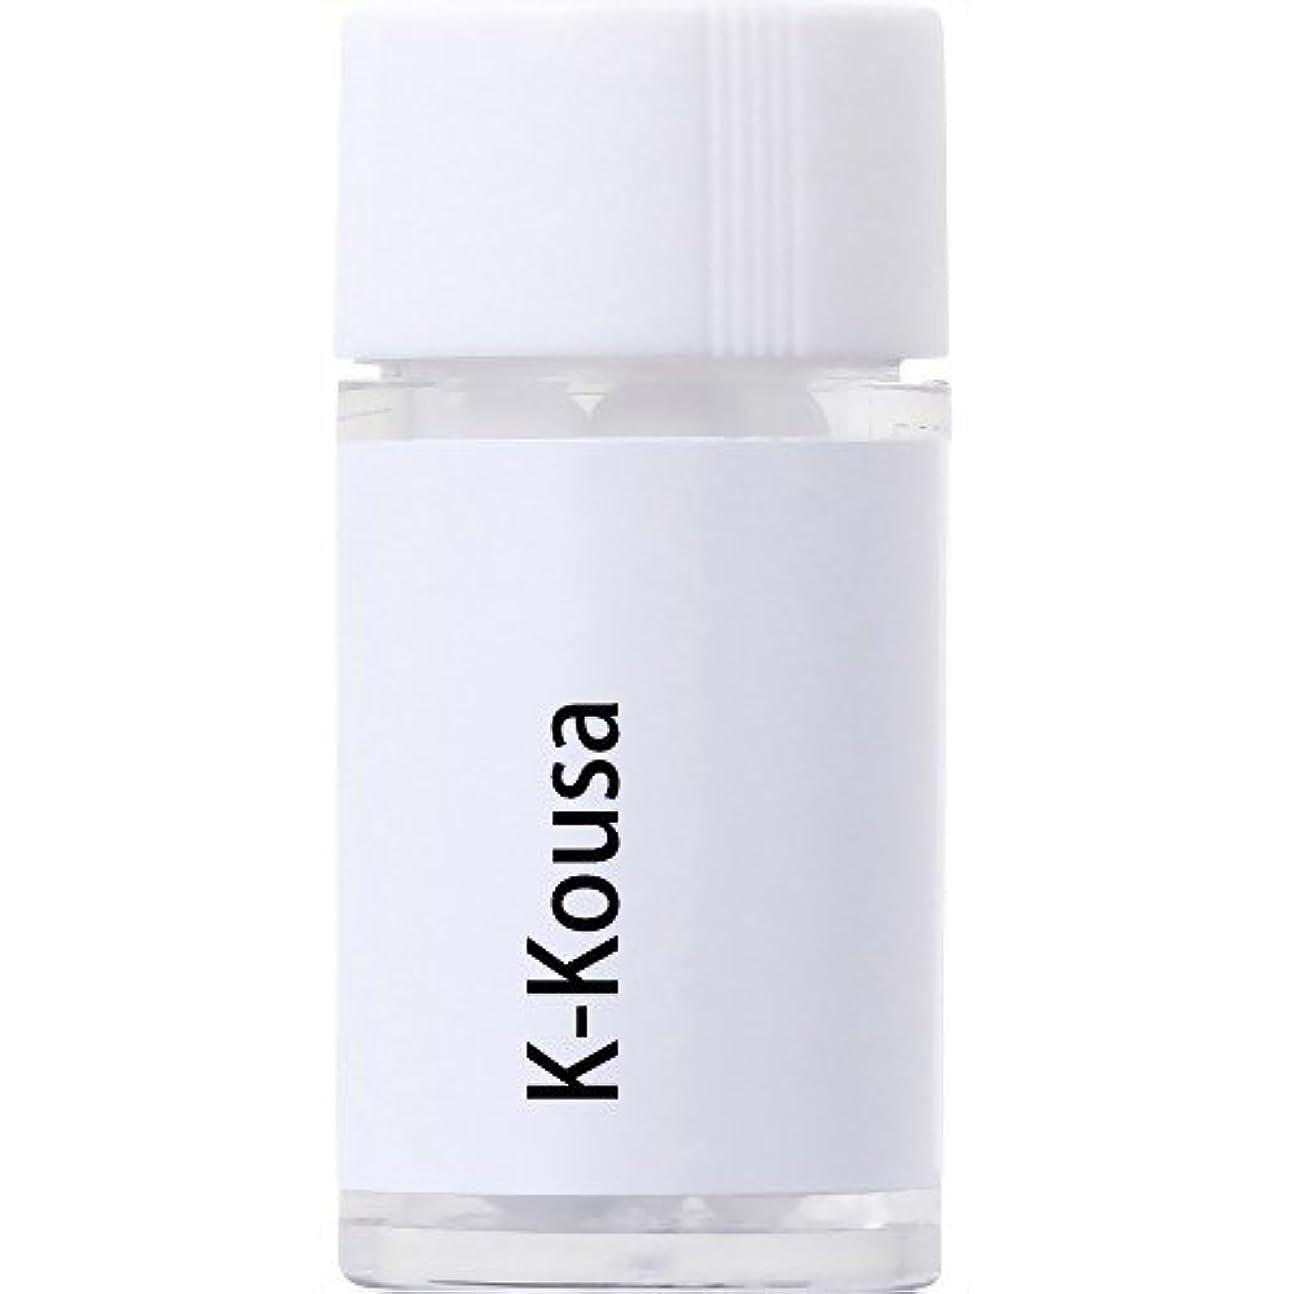 腐敗分岐するパッケージホメオパシージャパンレメディー K-Kousa(小ビン)